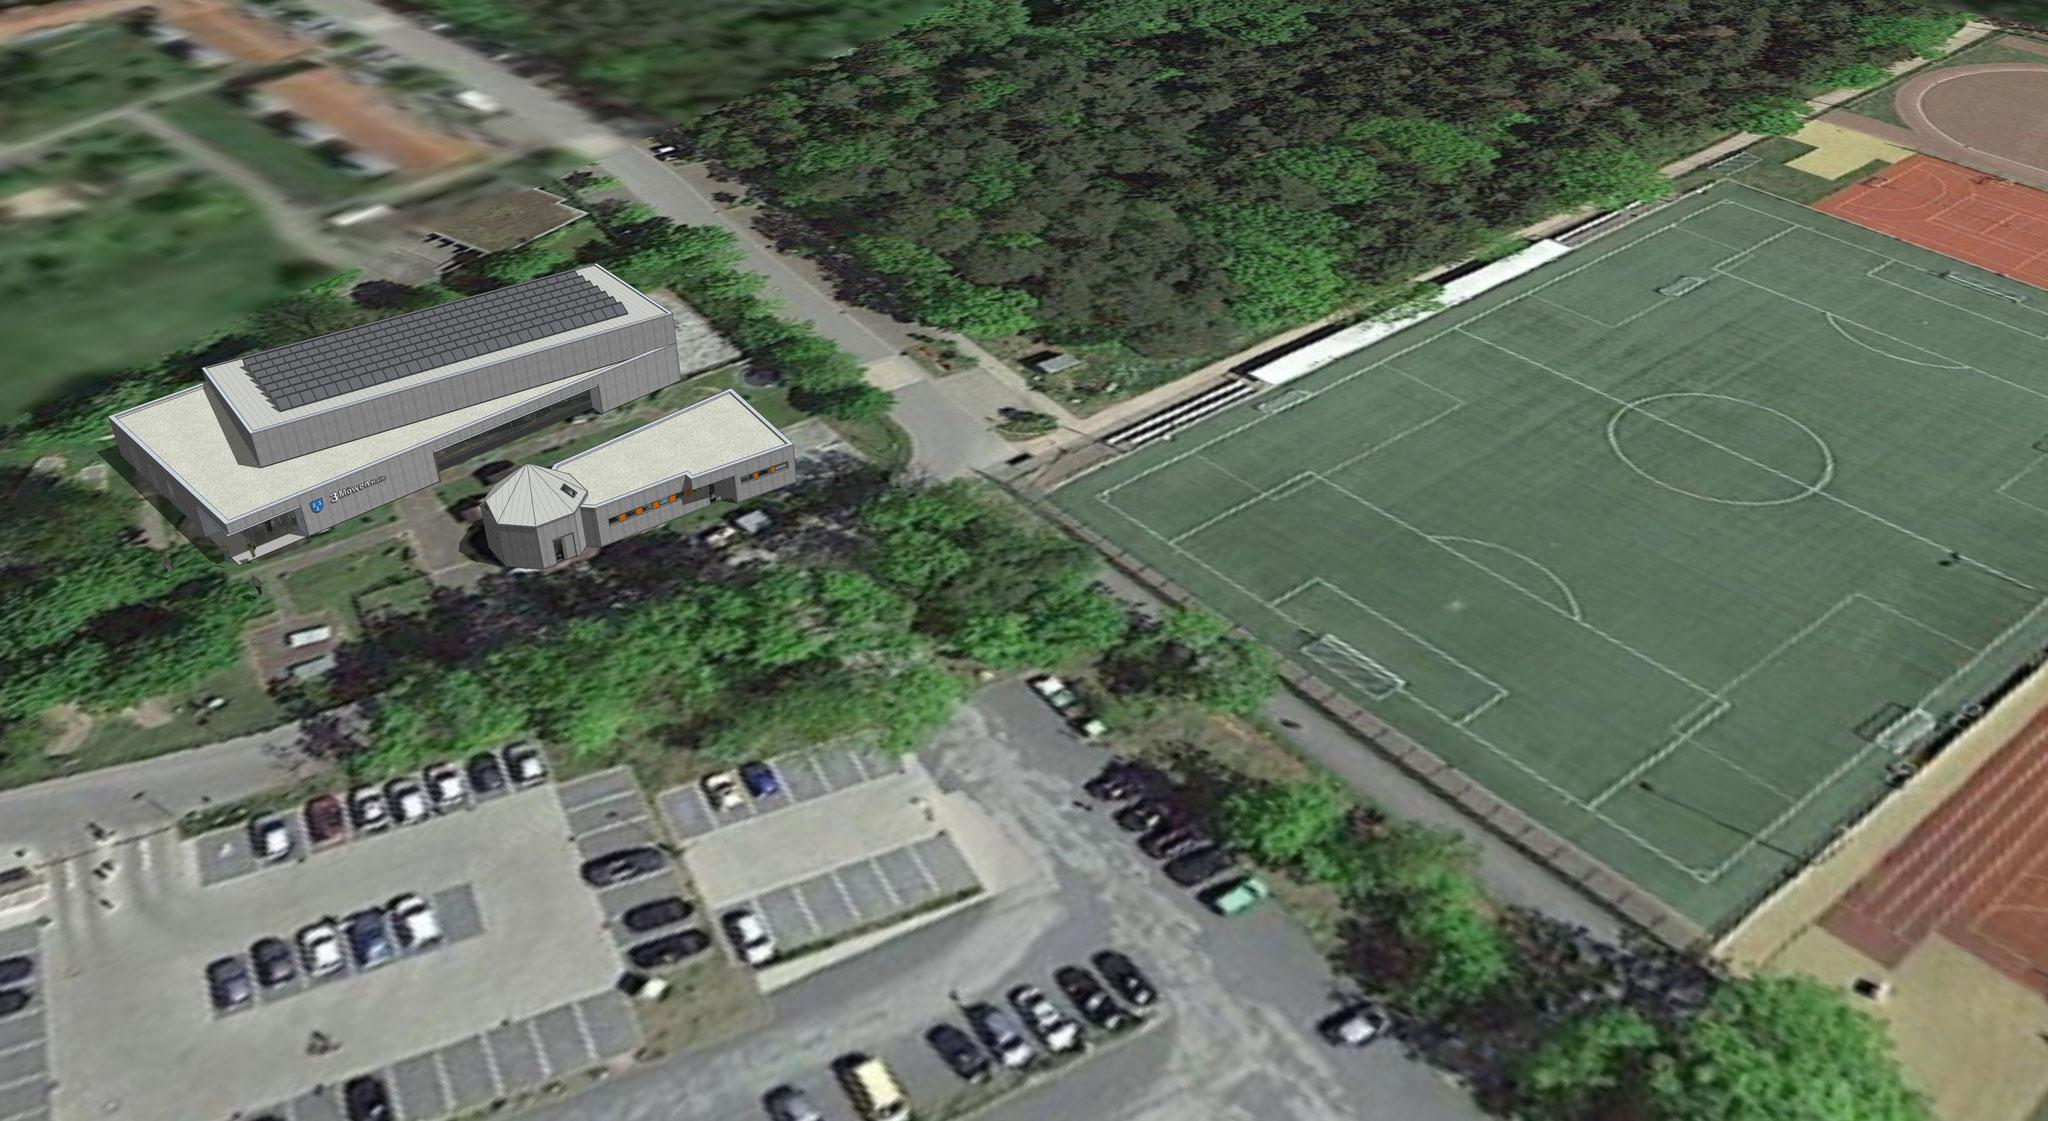 Luftbild der Umgebung - Gesamtbild. Neben dem Vereinsheim entsteht noch eine große Eis- und Indoorspielhalle